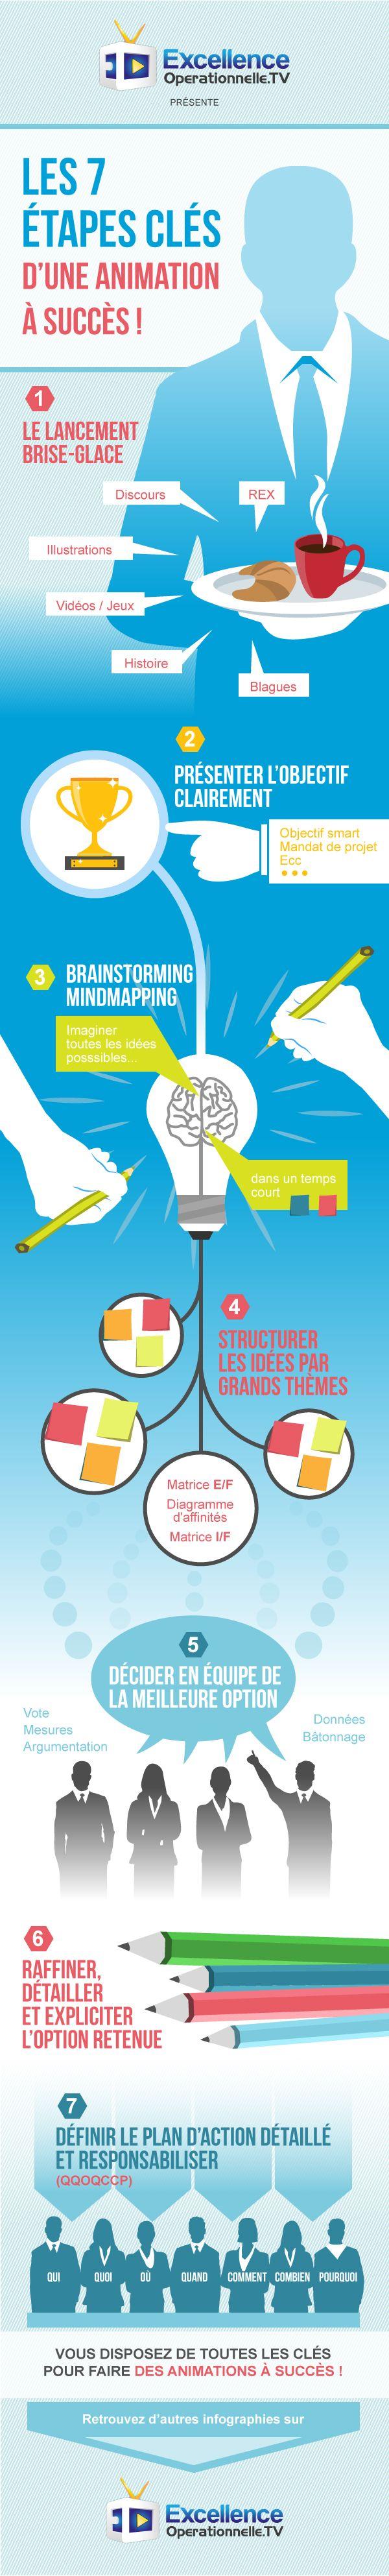 Cela faisait bien longtemps que nous vous avions pas proposé une belle infographie sur l'excellence opérationnelle… Je suis donc très heureux de pouvoir vous proposer aujourd'hui de découvrir « Les 7 Etapes clés pour mener une animation avec succès ! » J'en profite pour remercier nos amis de CUBIK Partners qui ont participé à la création du contenu ! A partager sans modération !!!